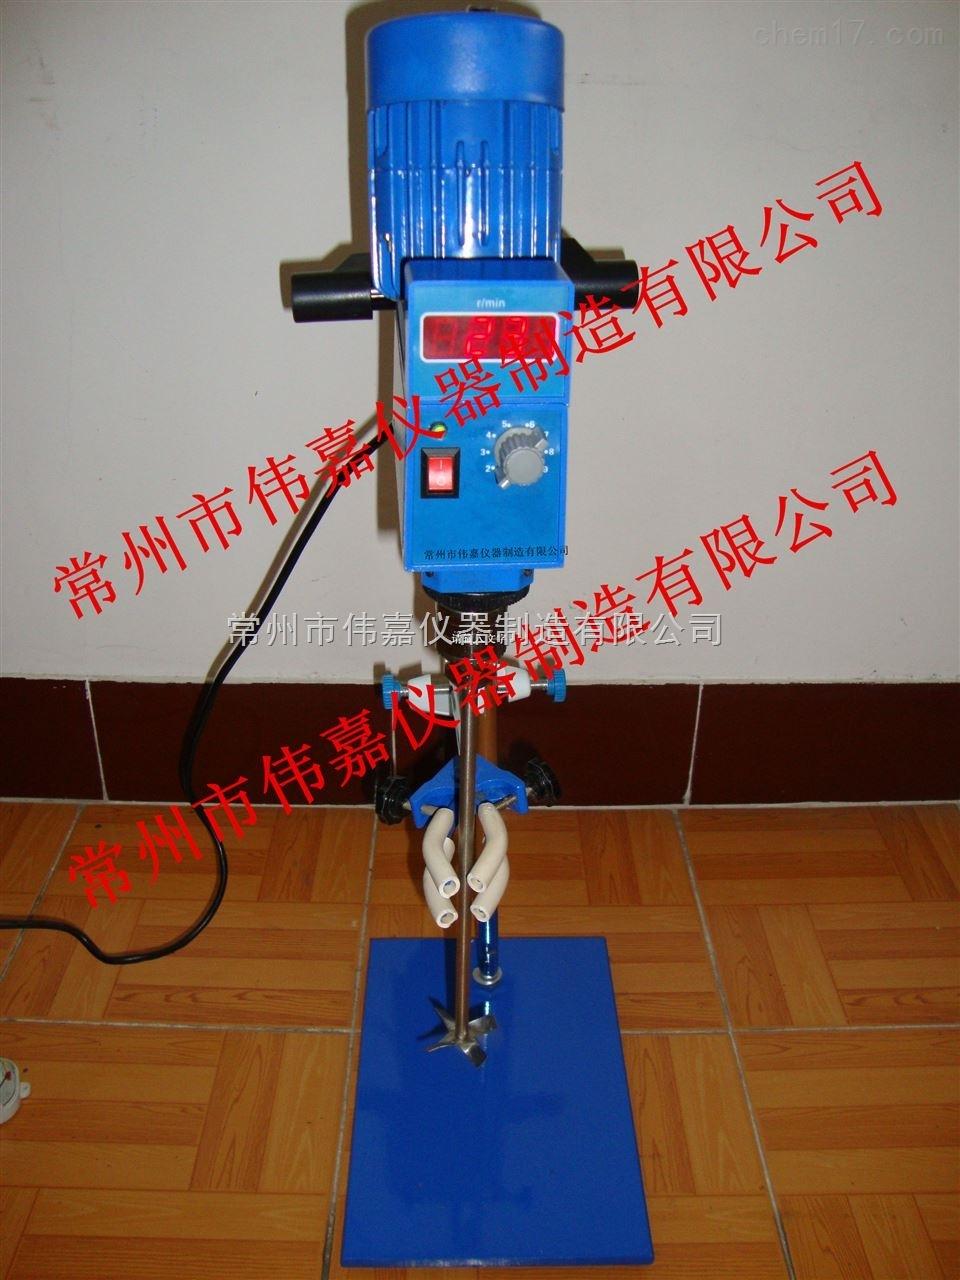 强力电动搅拌器生产厂家